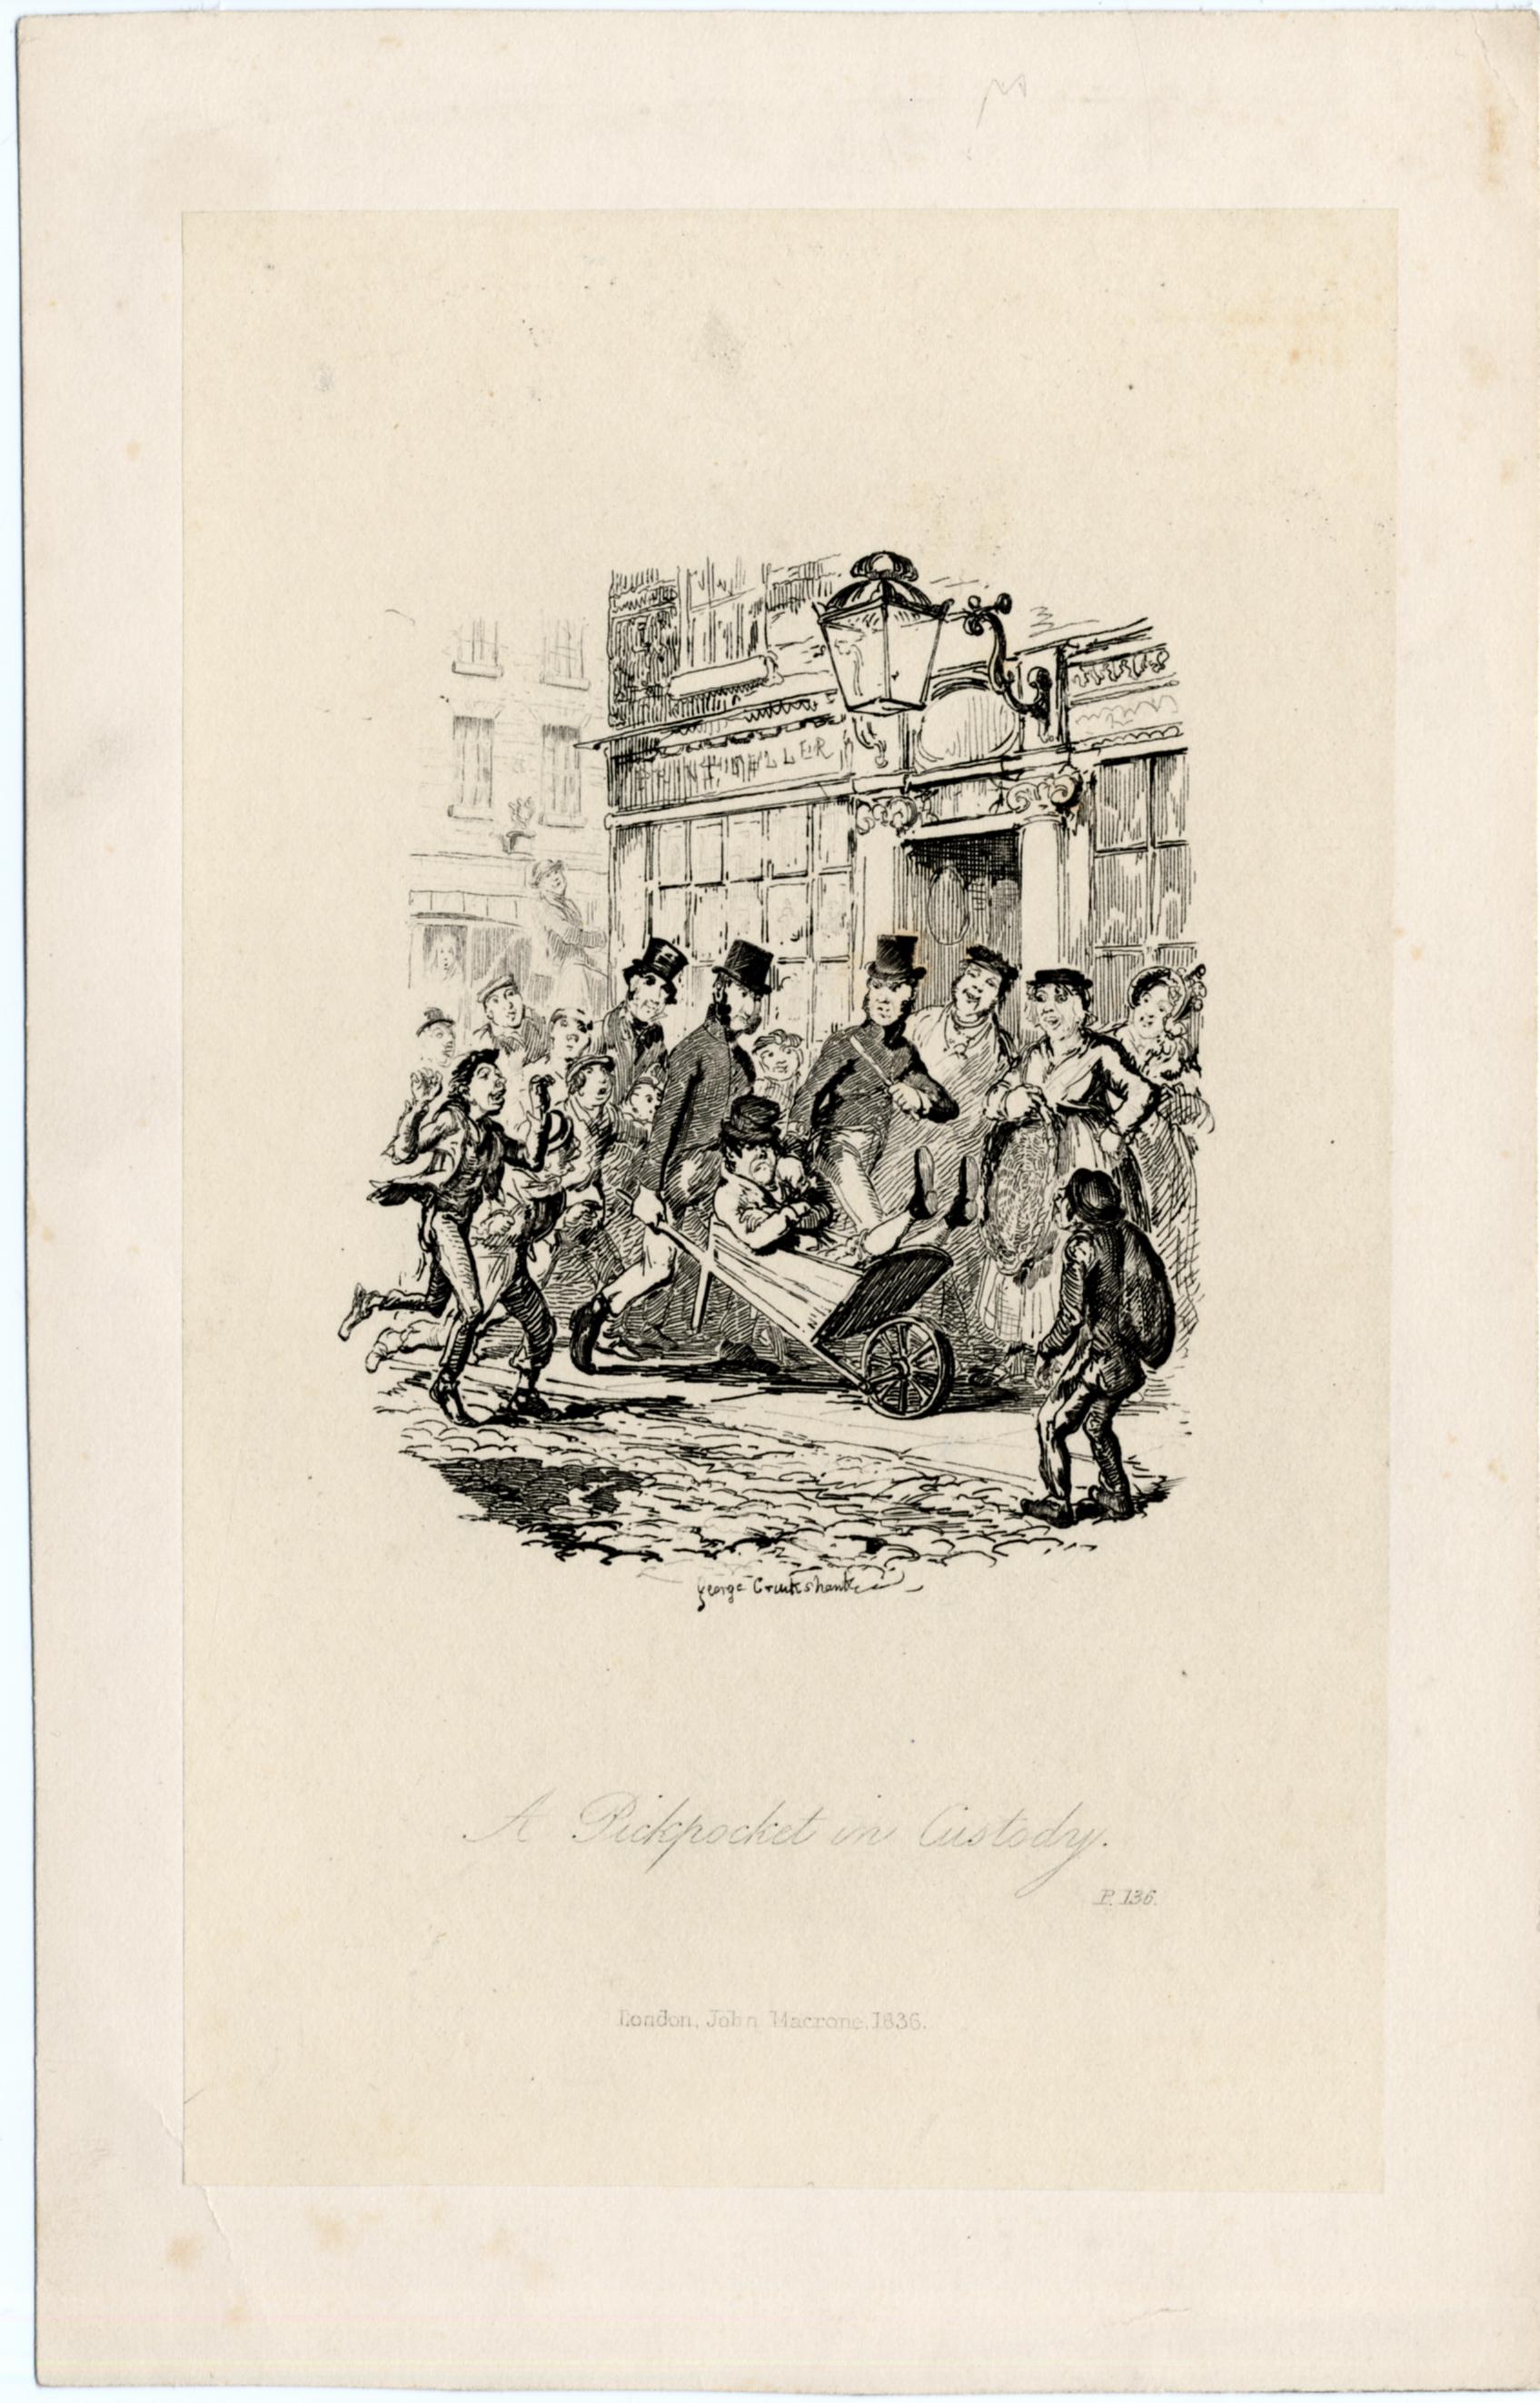 'A Pickpocket in Custody' engraving by George Cruickshank 1836